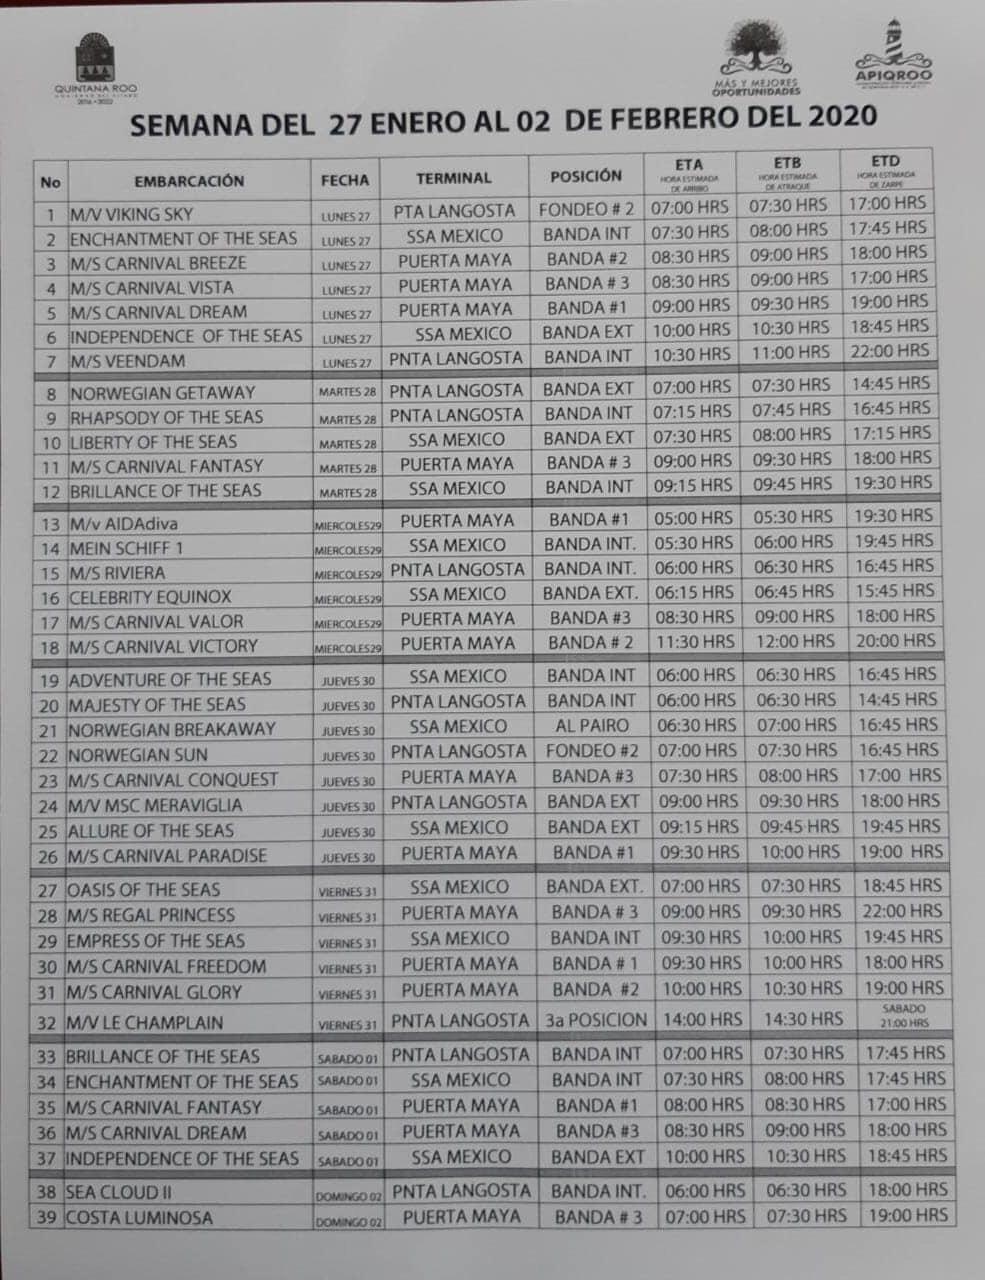 Horarios de Cruceros en Cozumel del 27 de Enero al 267 de Febrero 2020